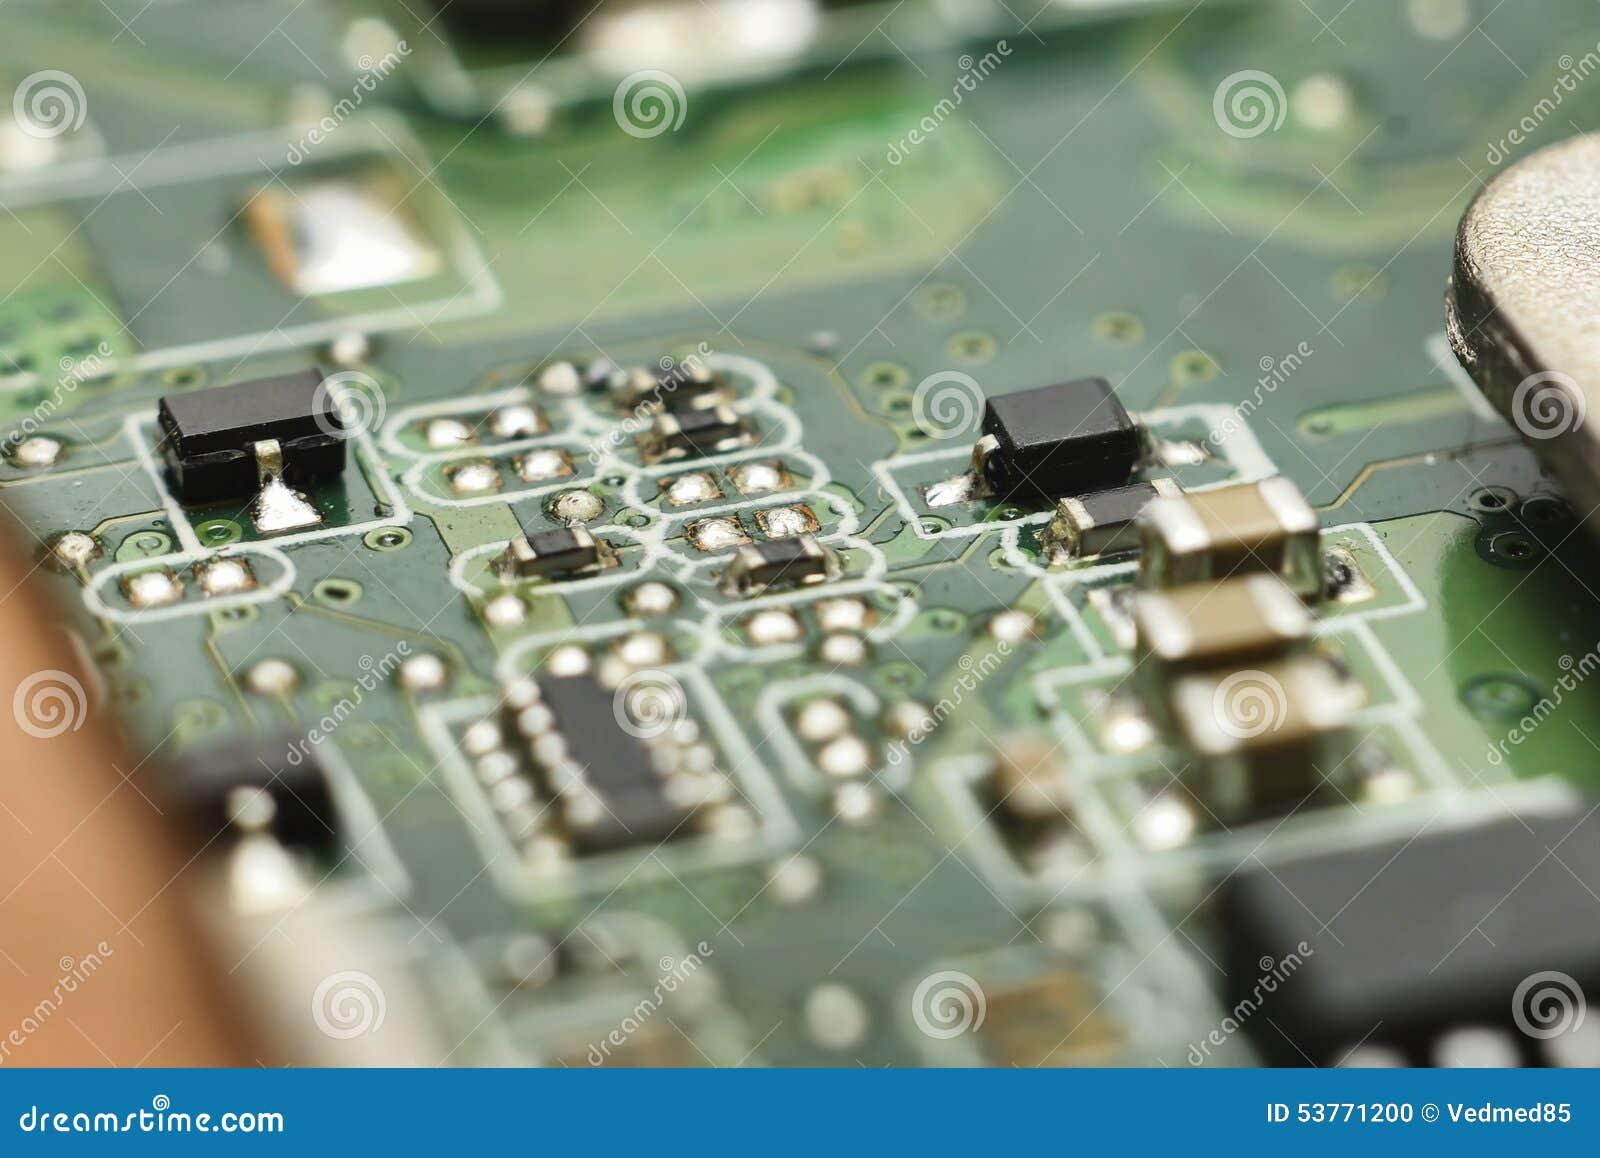 Micro- elektronika hoofdraad met bewerkers, dioden, transistors